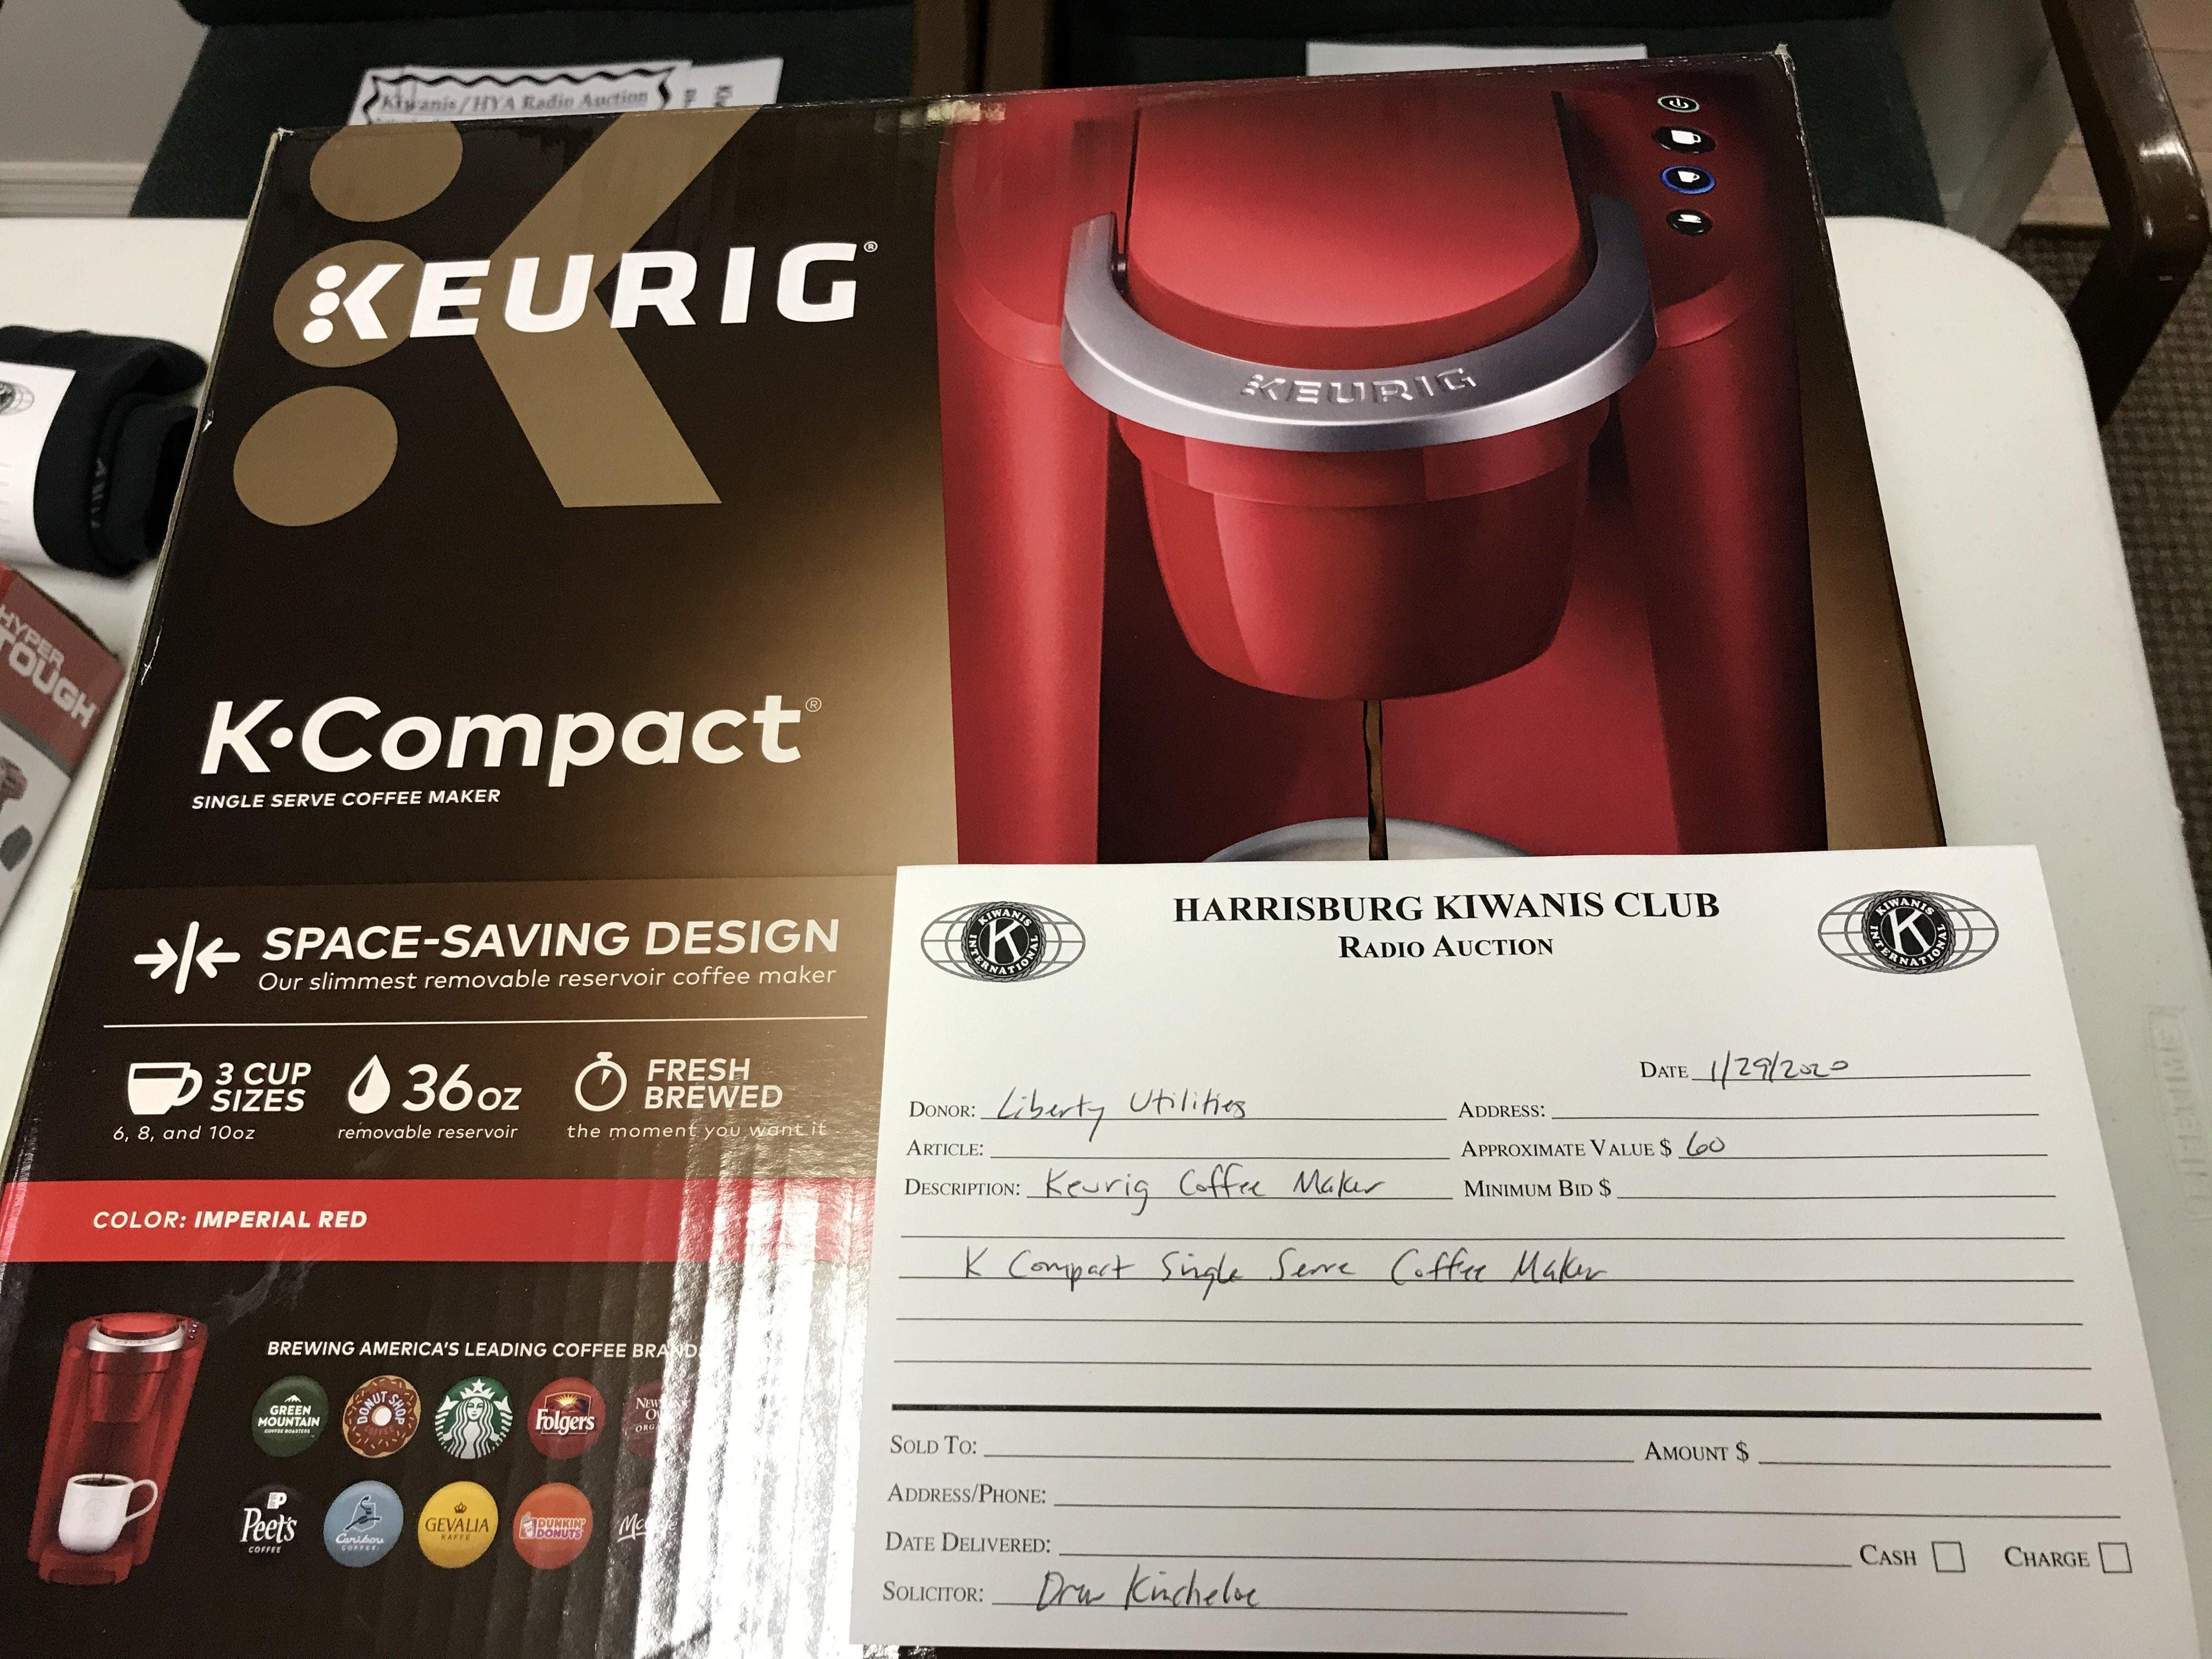 Item 325 - Liberty Utilities Keurig Coffee Maker